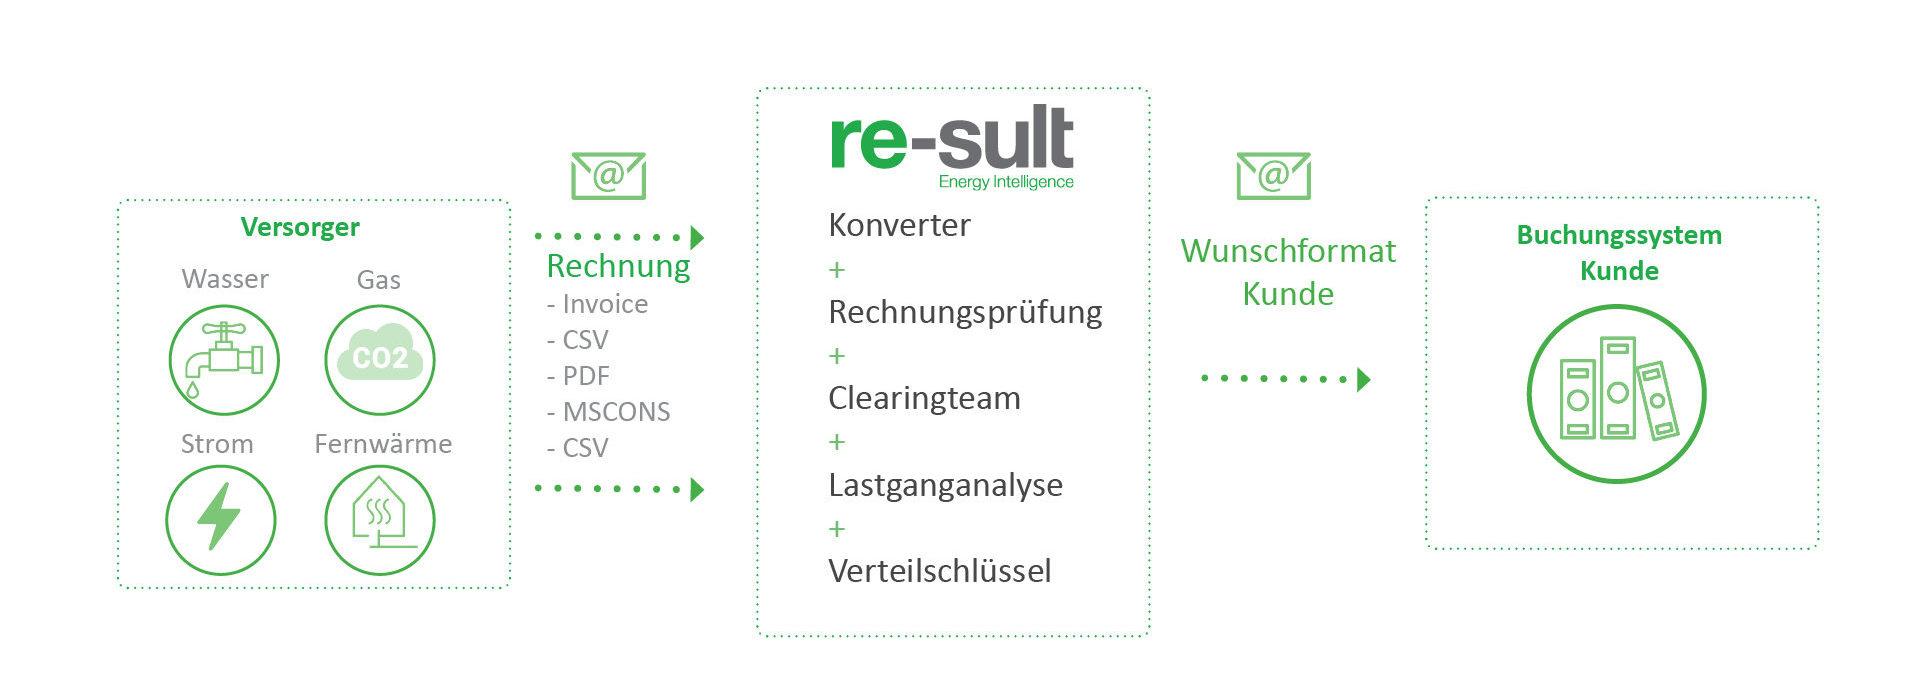 Vollautomatische elektronische Rechnungsprüfung für Kunden mit vielen Rechnungen (Multi-Site-Kunden) re-sult AG